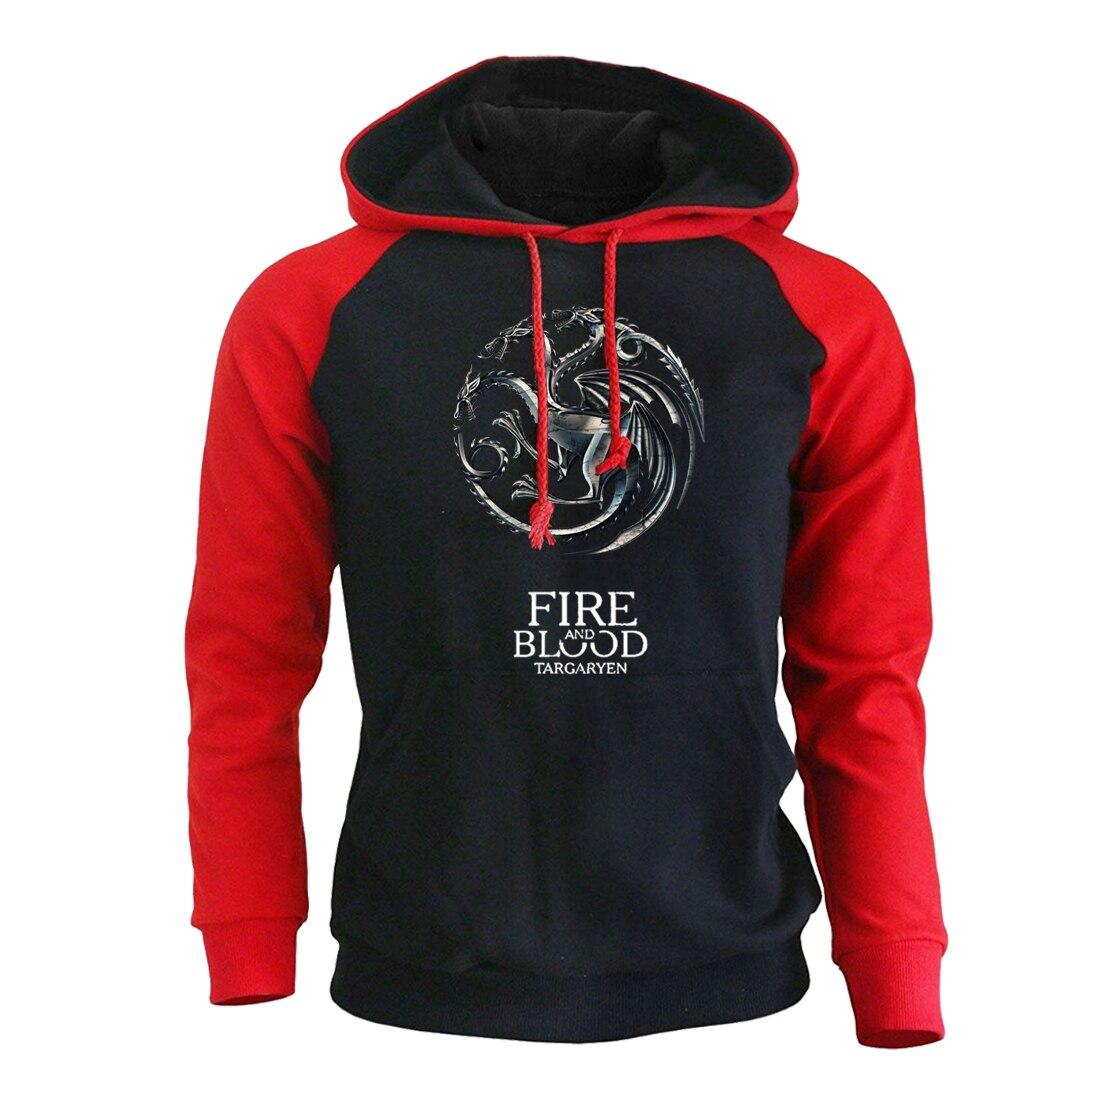 Men's Sweatshirts 2019 Spring New Arrival Hoodies Men Game Of Thrones Hoody Fire And Blood Sweatshirt For Men Hoodie Streetwear